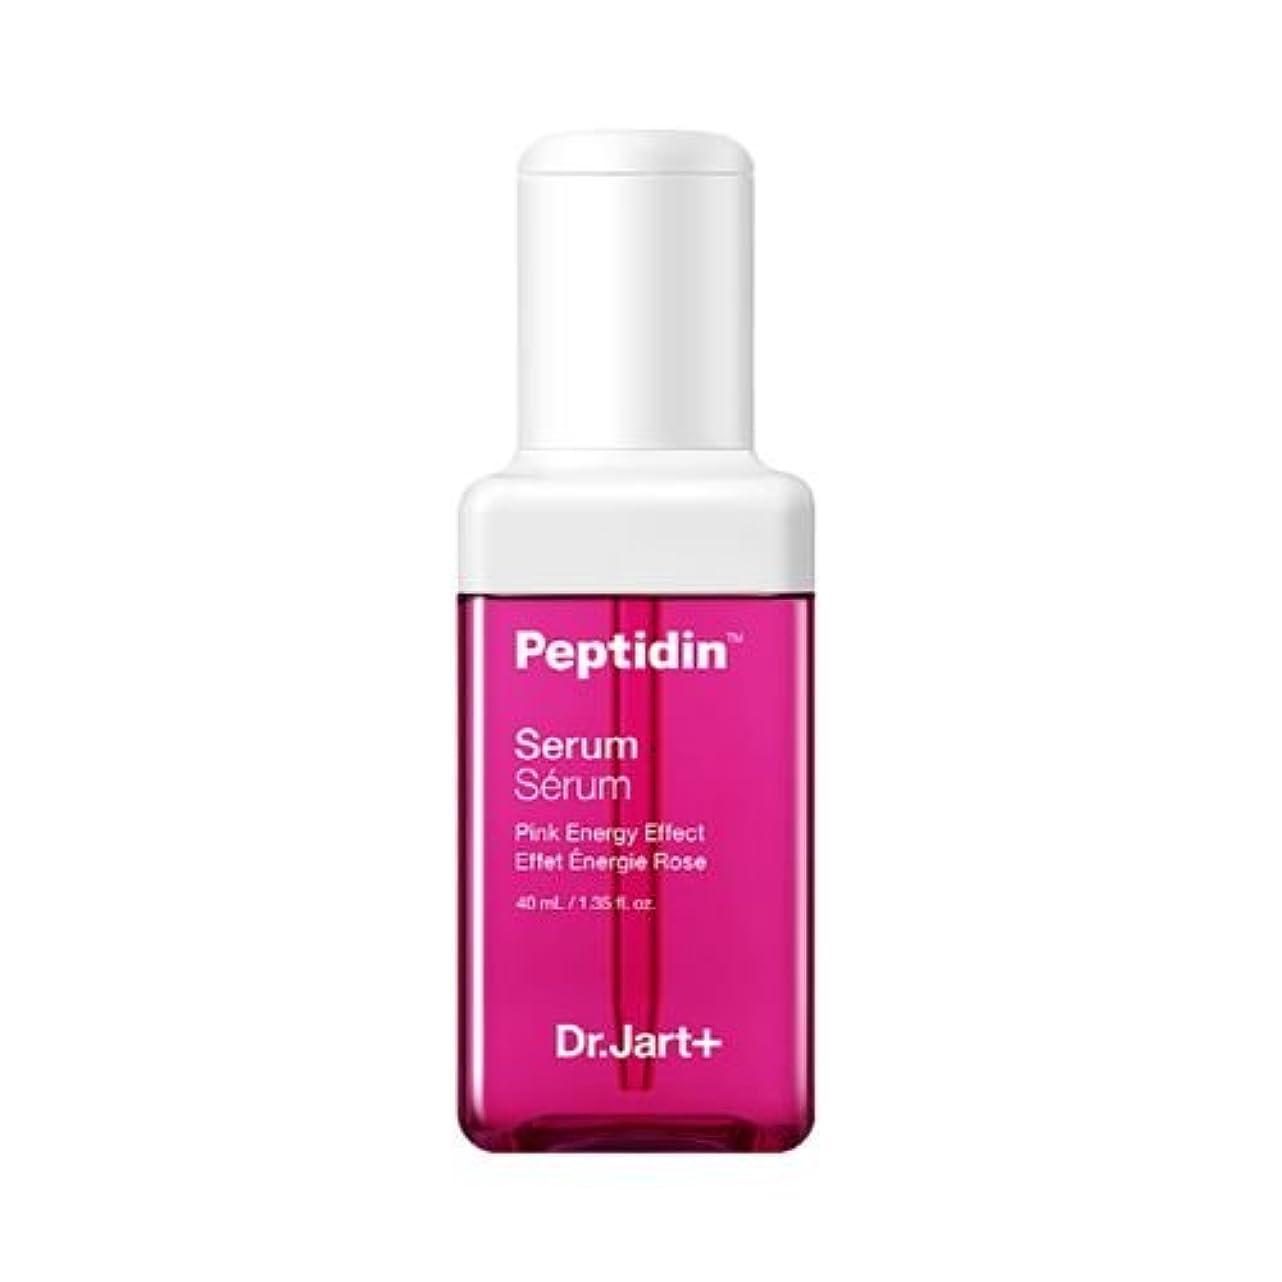 ふさわしい五月格納[DR Jart] Peptidin serum Pink Energy effect ドクタージャルトペプチドディーン セラムピンクエネルギー 40ml[海外直送品] [並行輸入品]